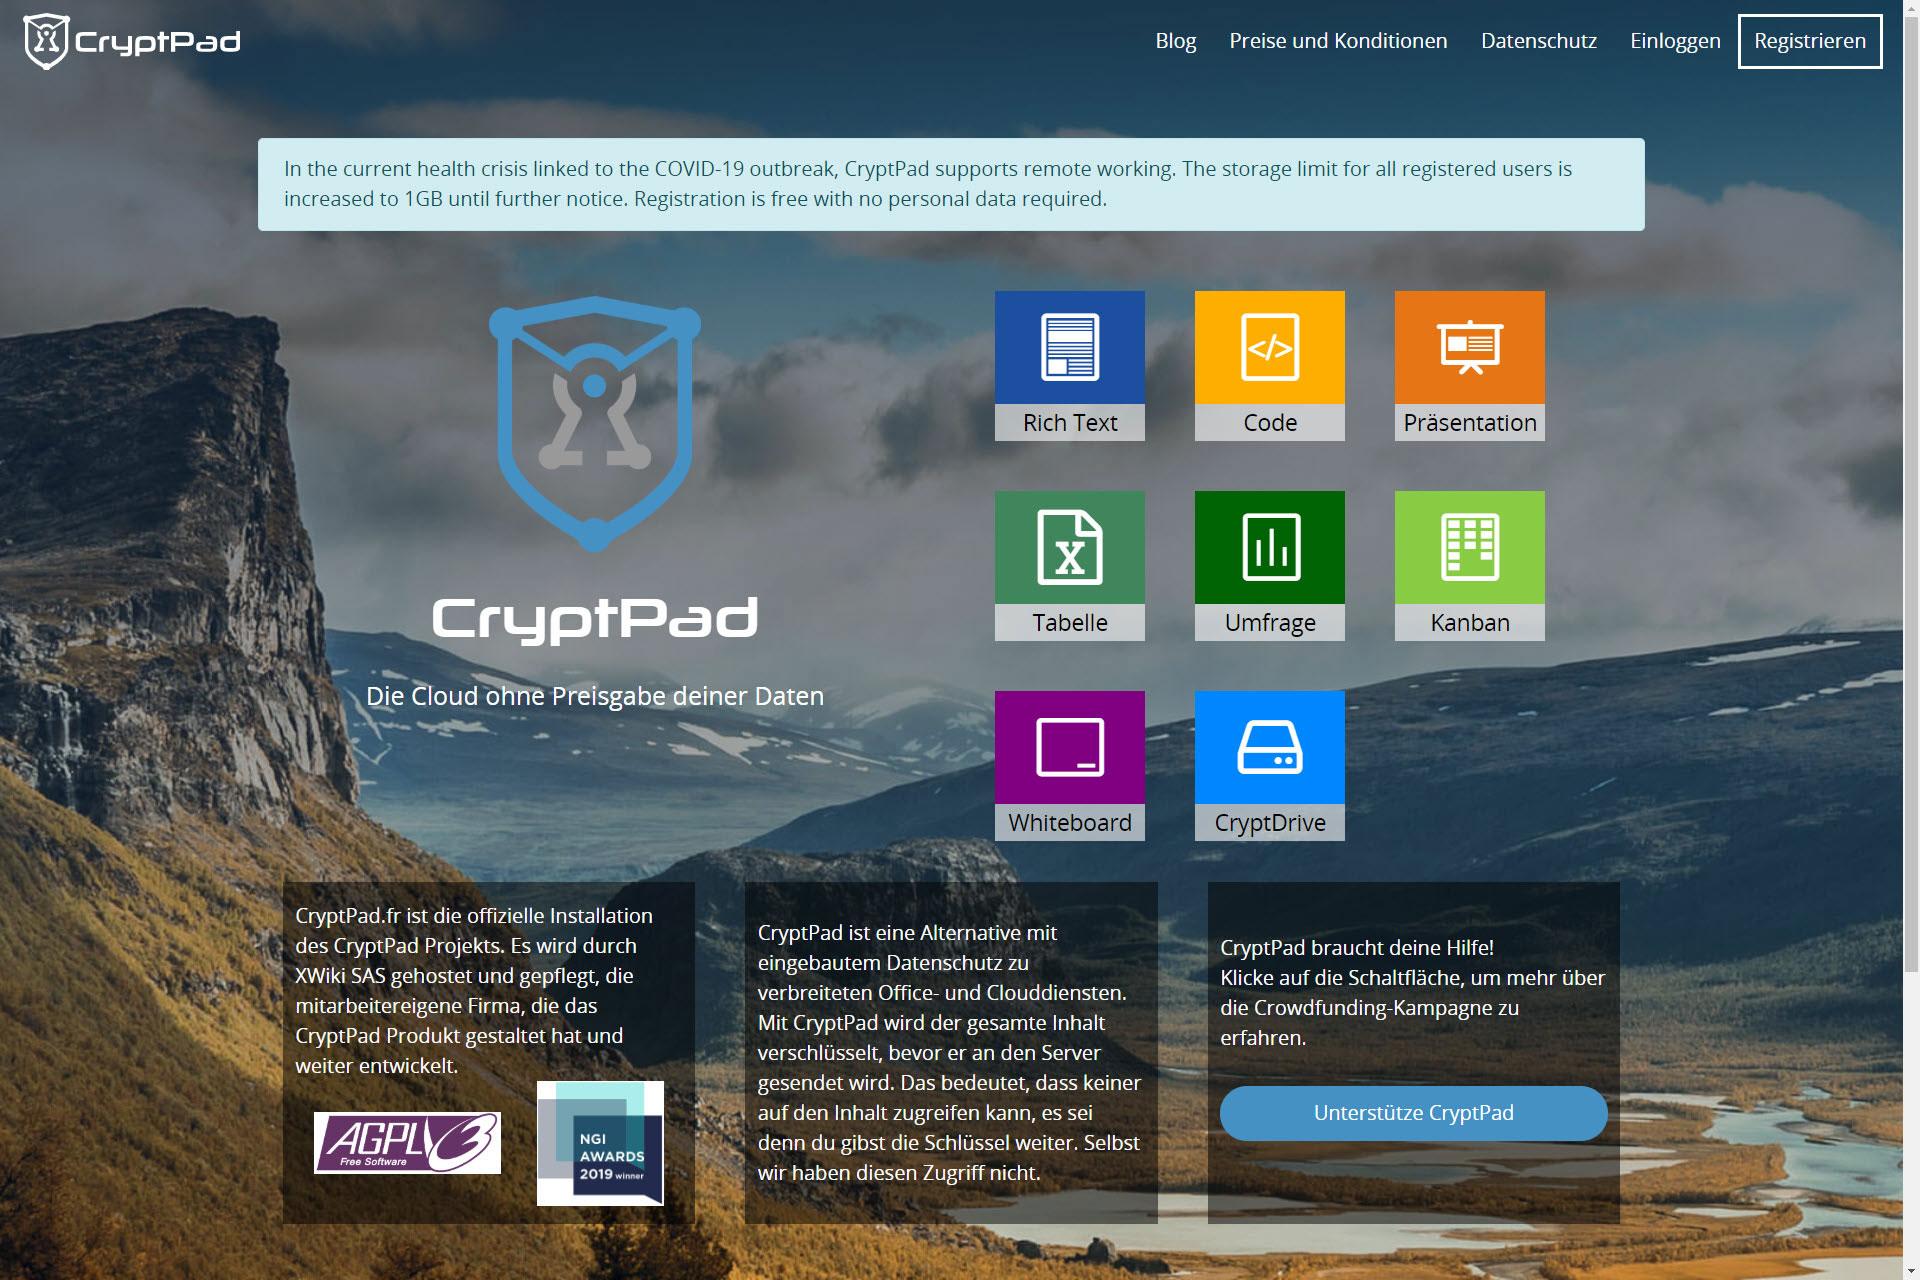 zur Zusammenarbeitsplattform Cryptpad